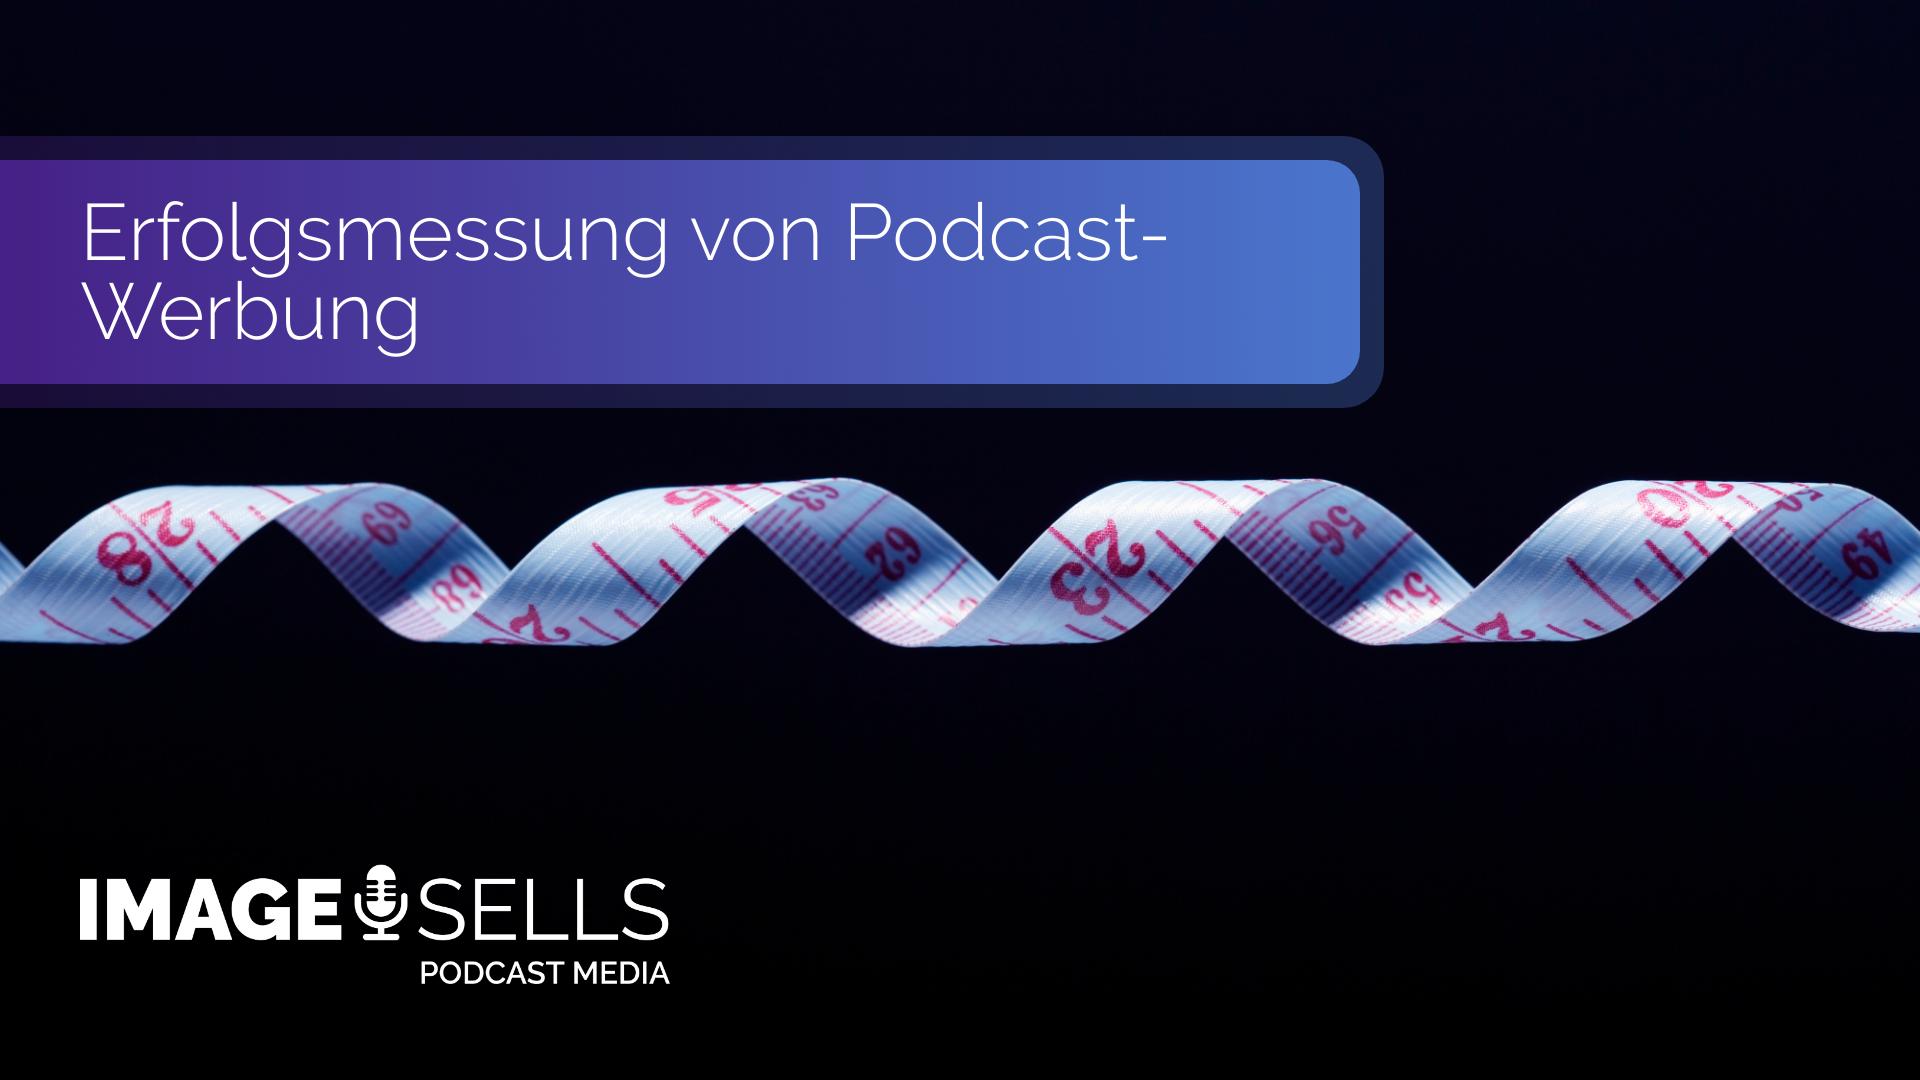 Erfolgsmessung von Podcast-Werbung